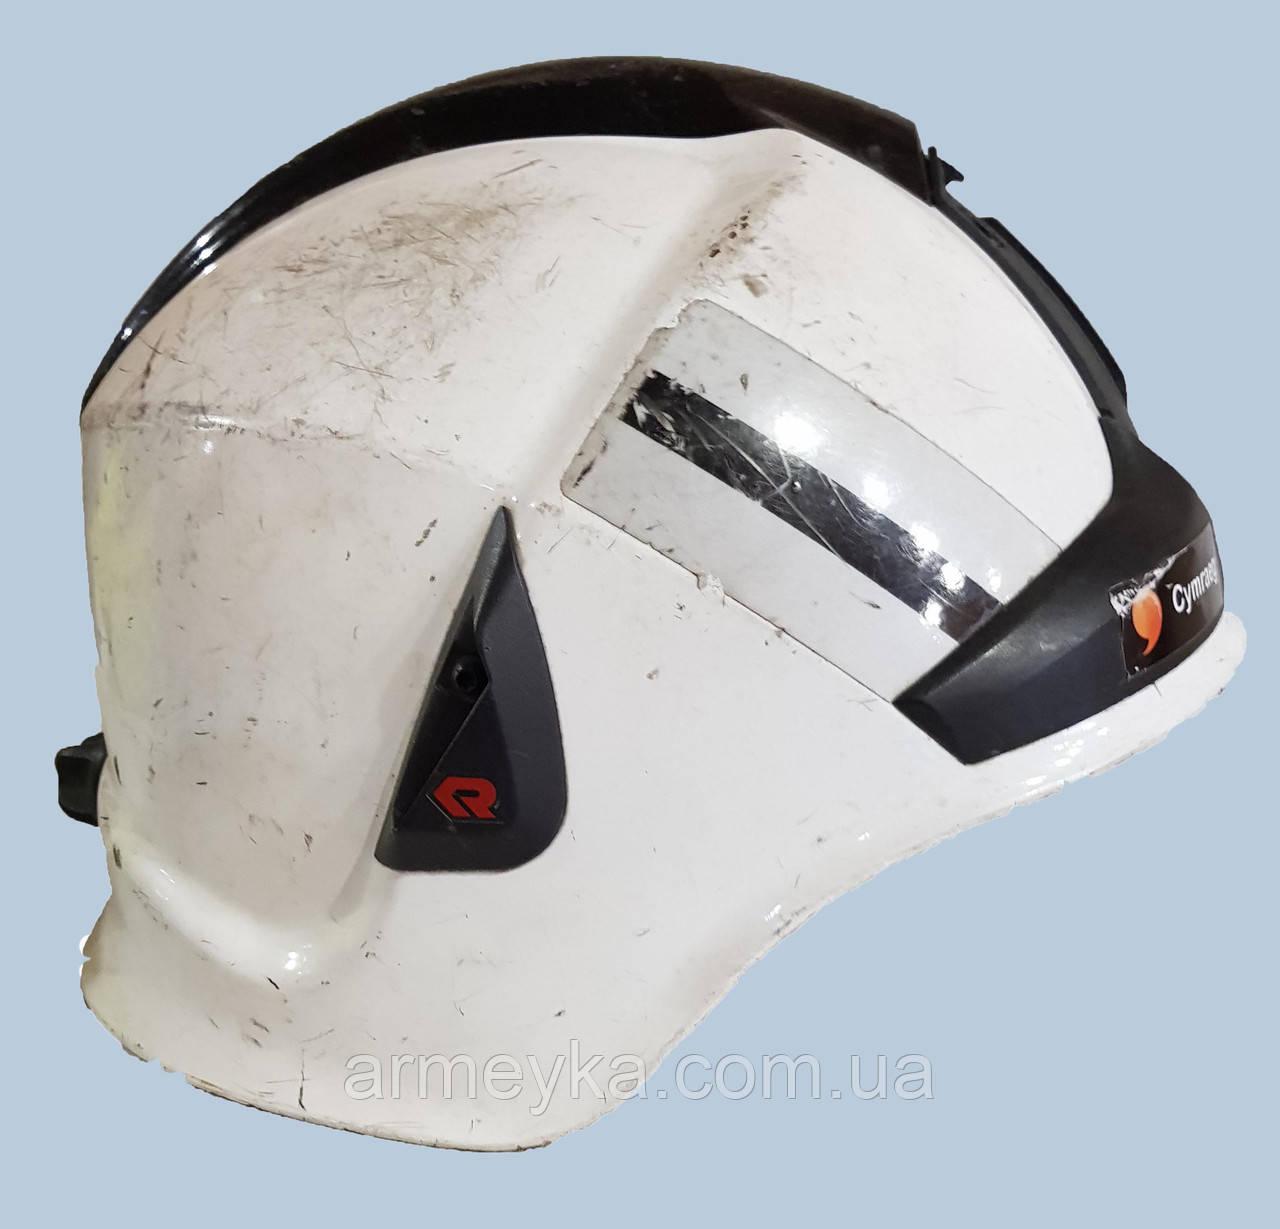 Шлем ( корус) пожарного Rosenbauer Heros Xtreme , белый. Великобритания, оригинал.